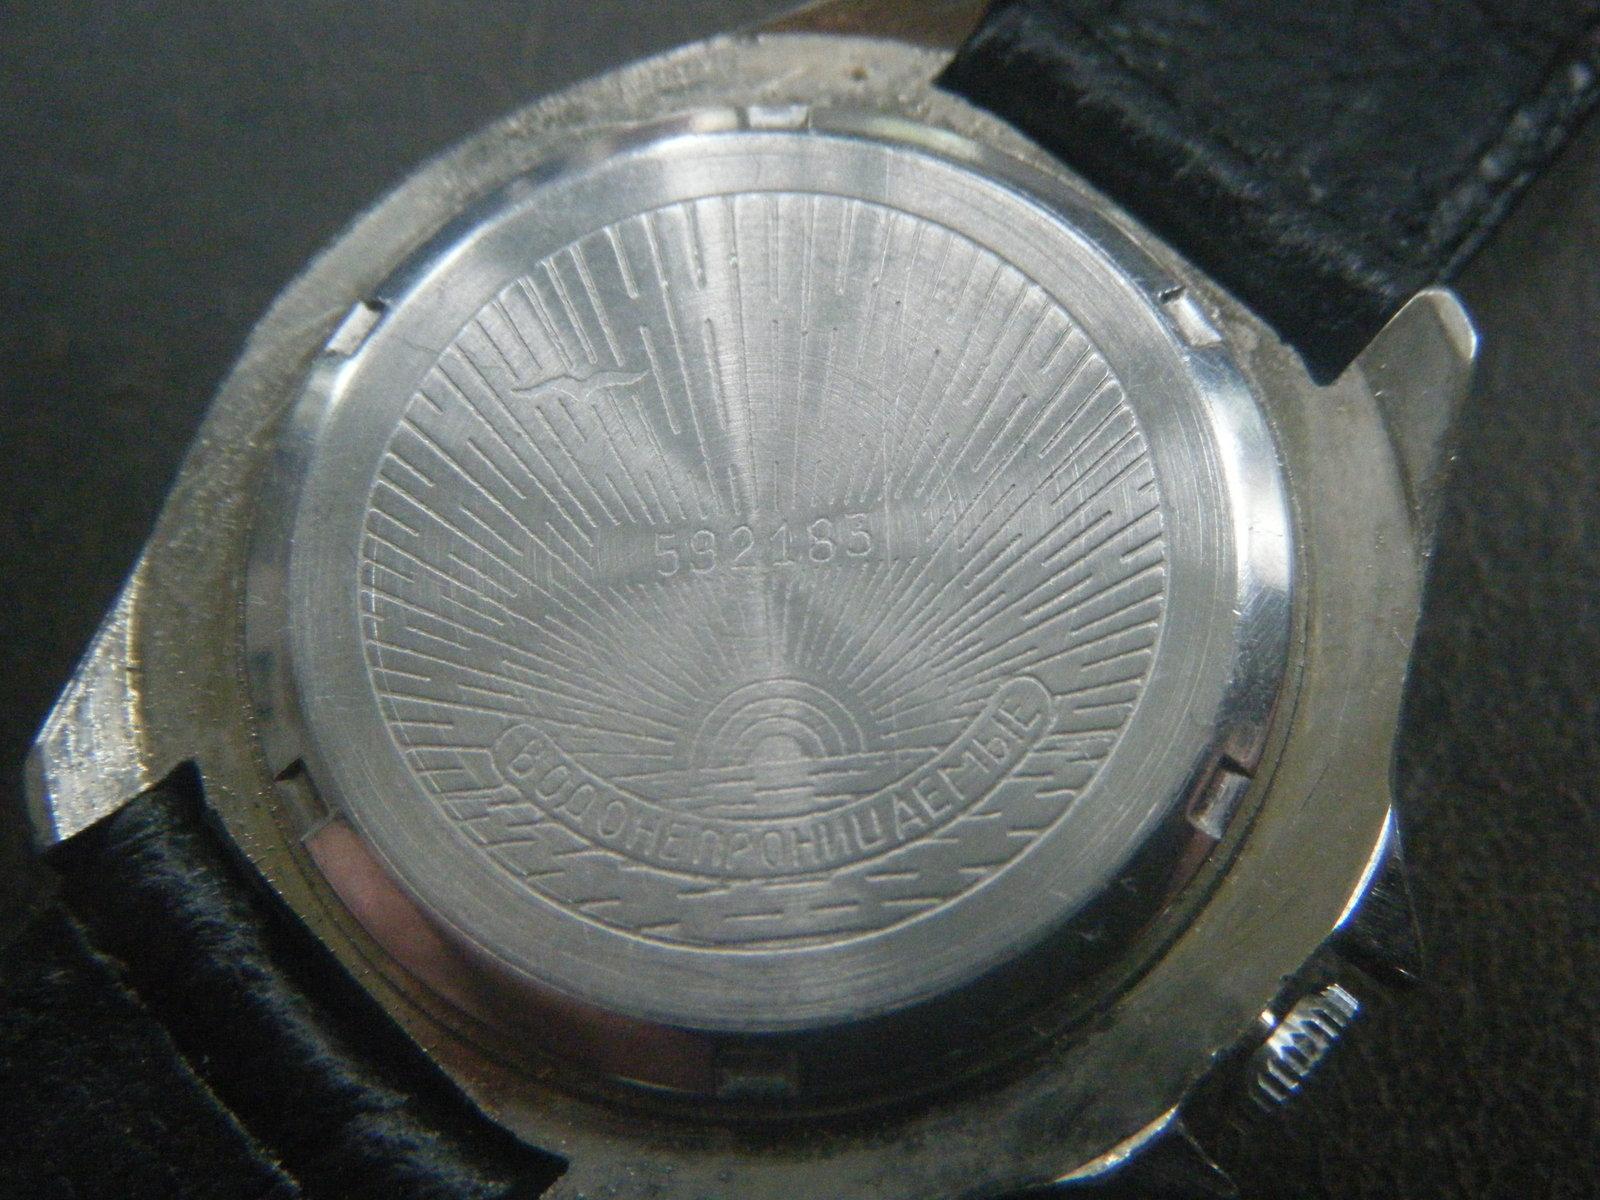 DSCF2866.JPG